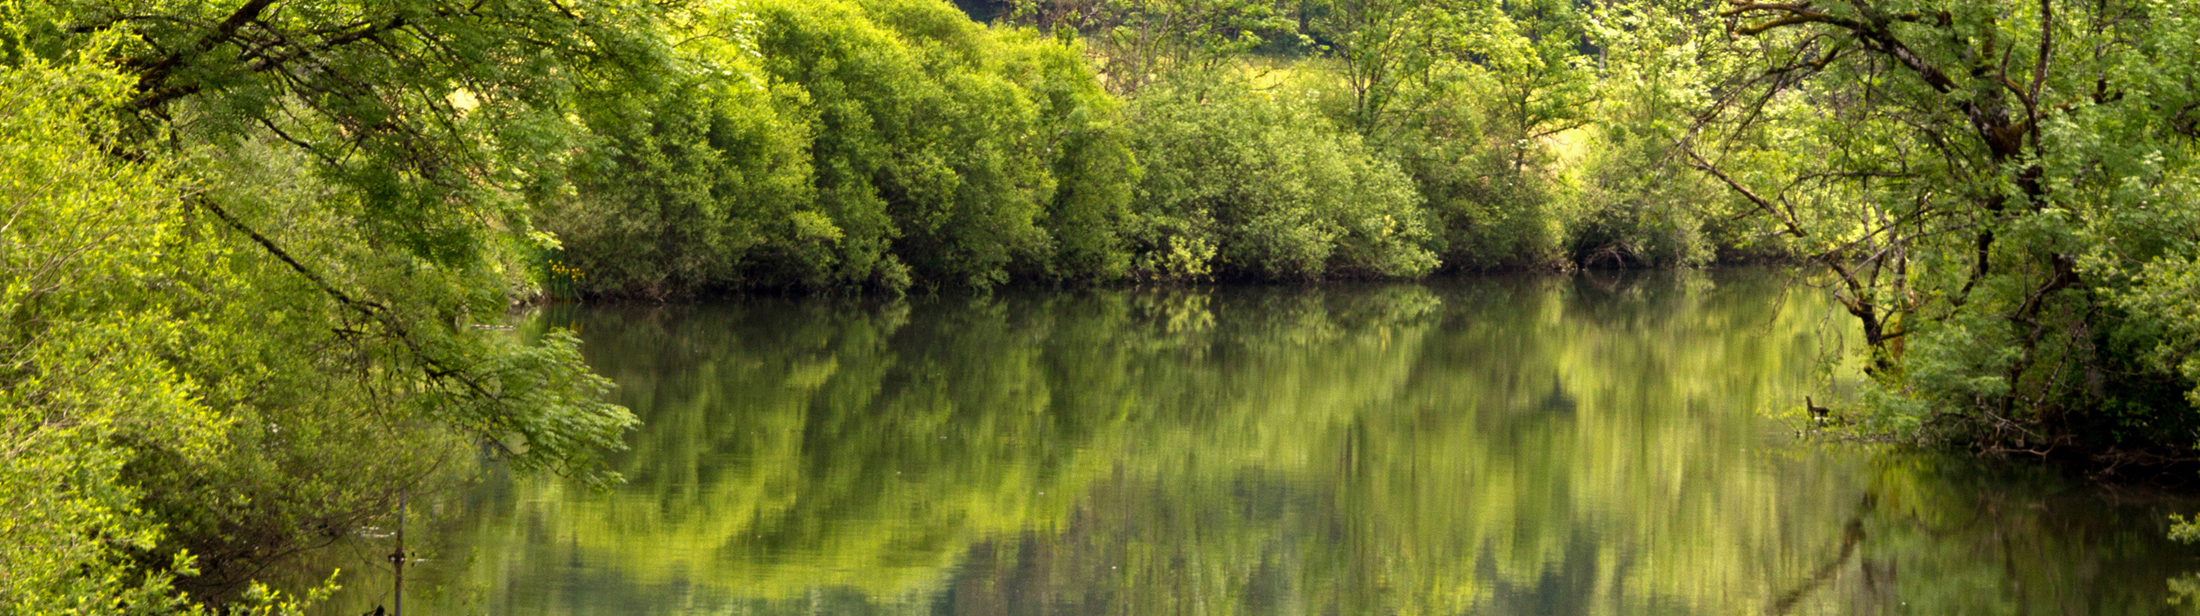 Fotomotiv-Fluss